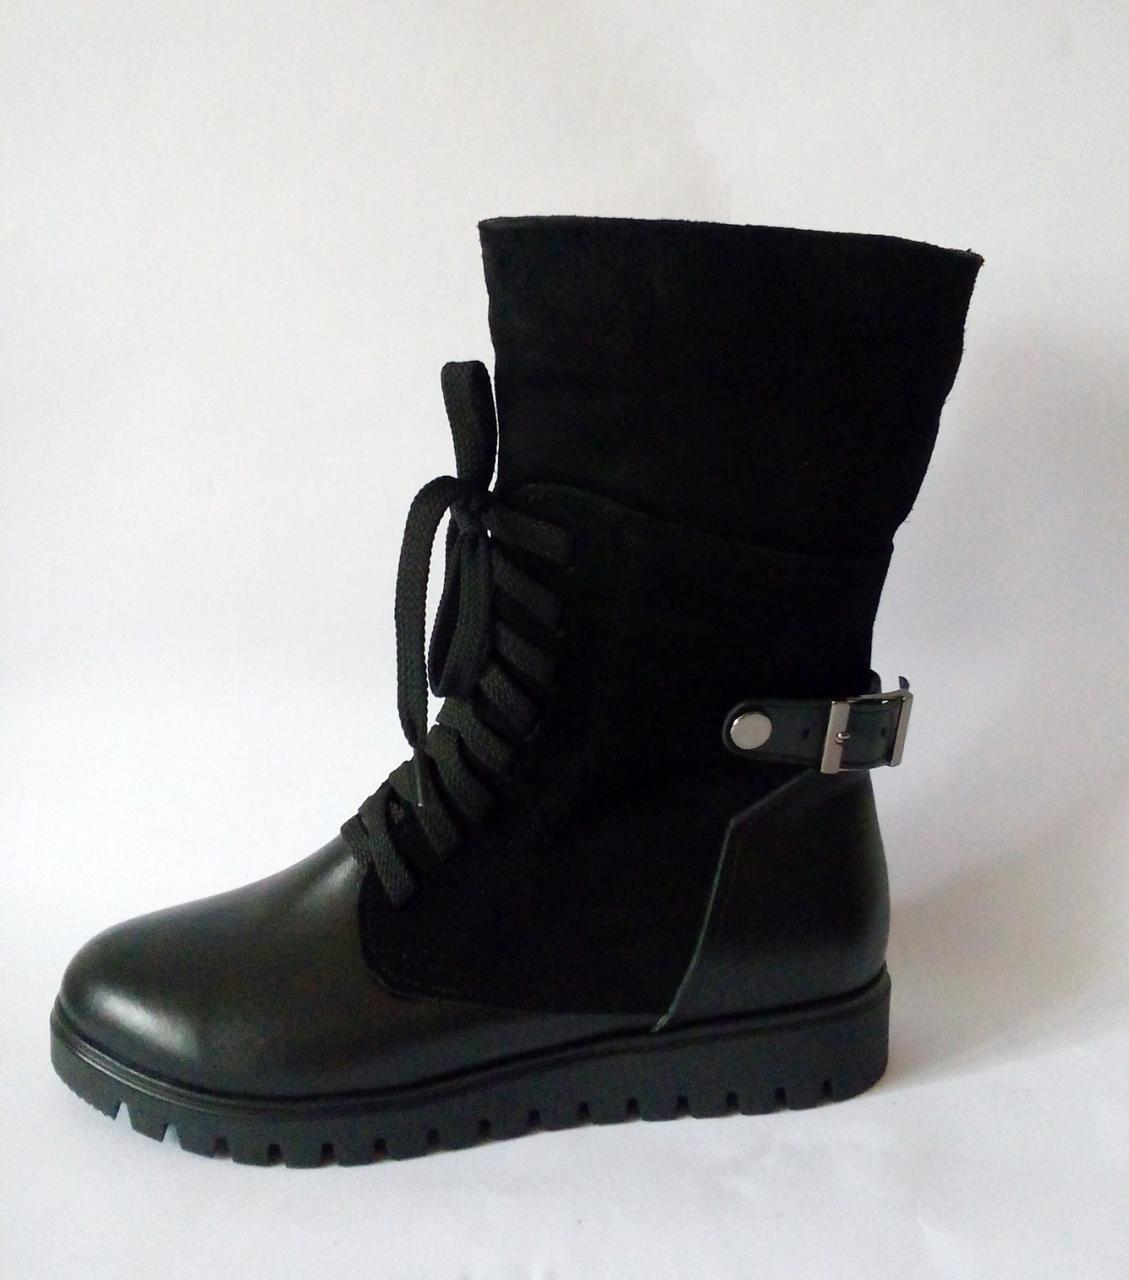 Женские высокие ботинки, фабричная обувь, цена 1 029 грн., купить в ... 1f1b7692456